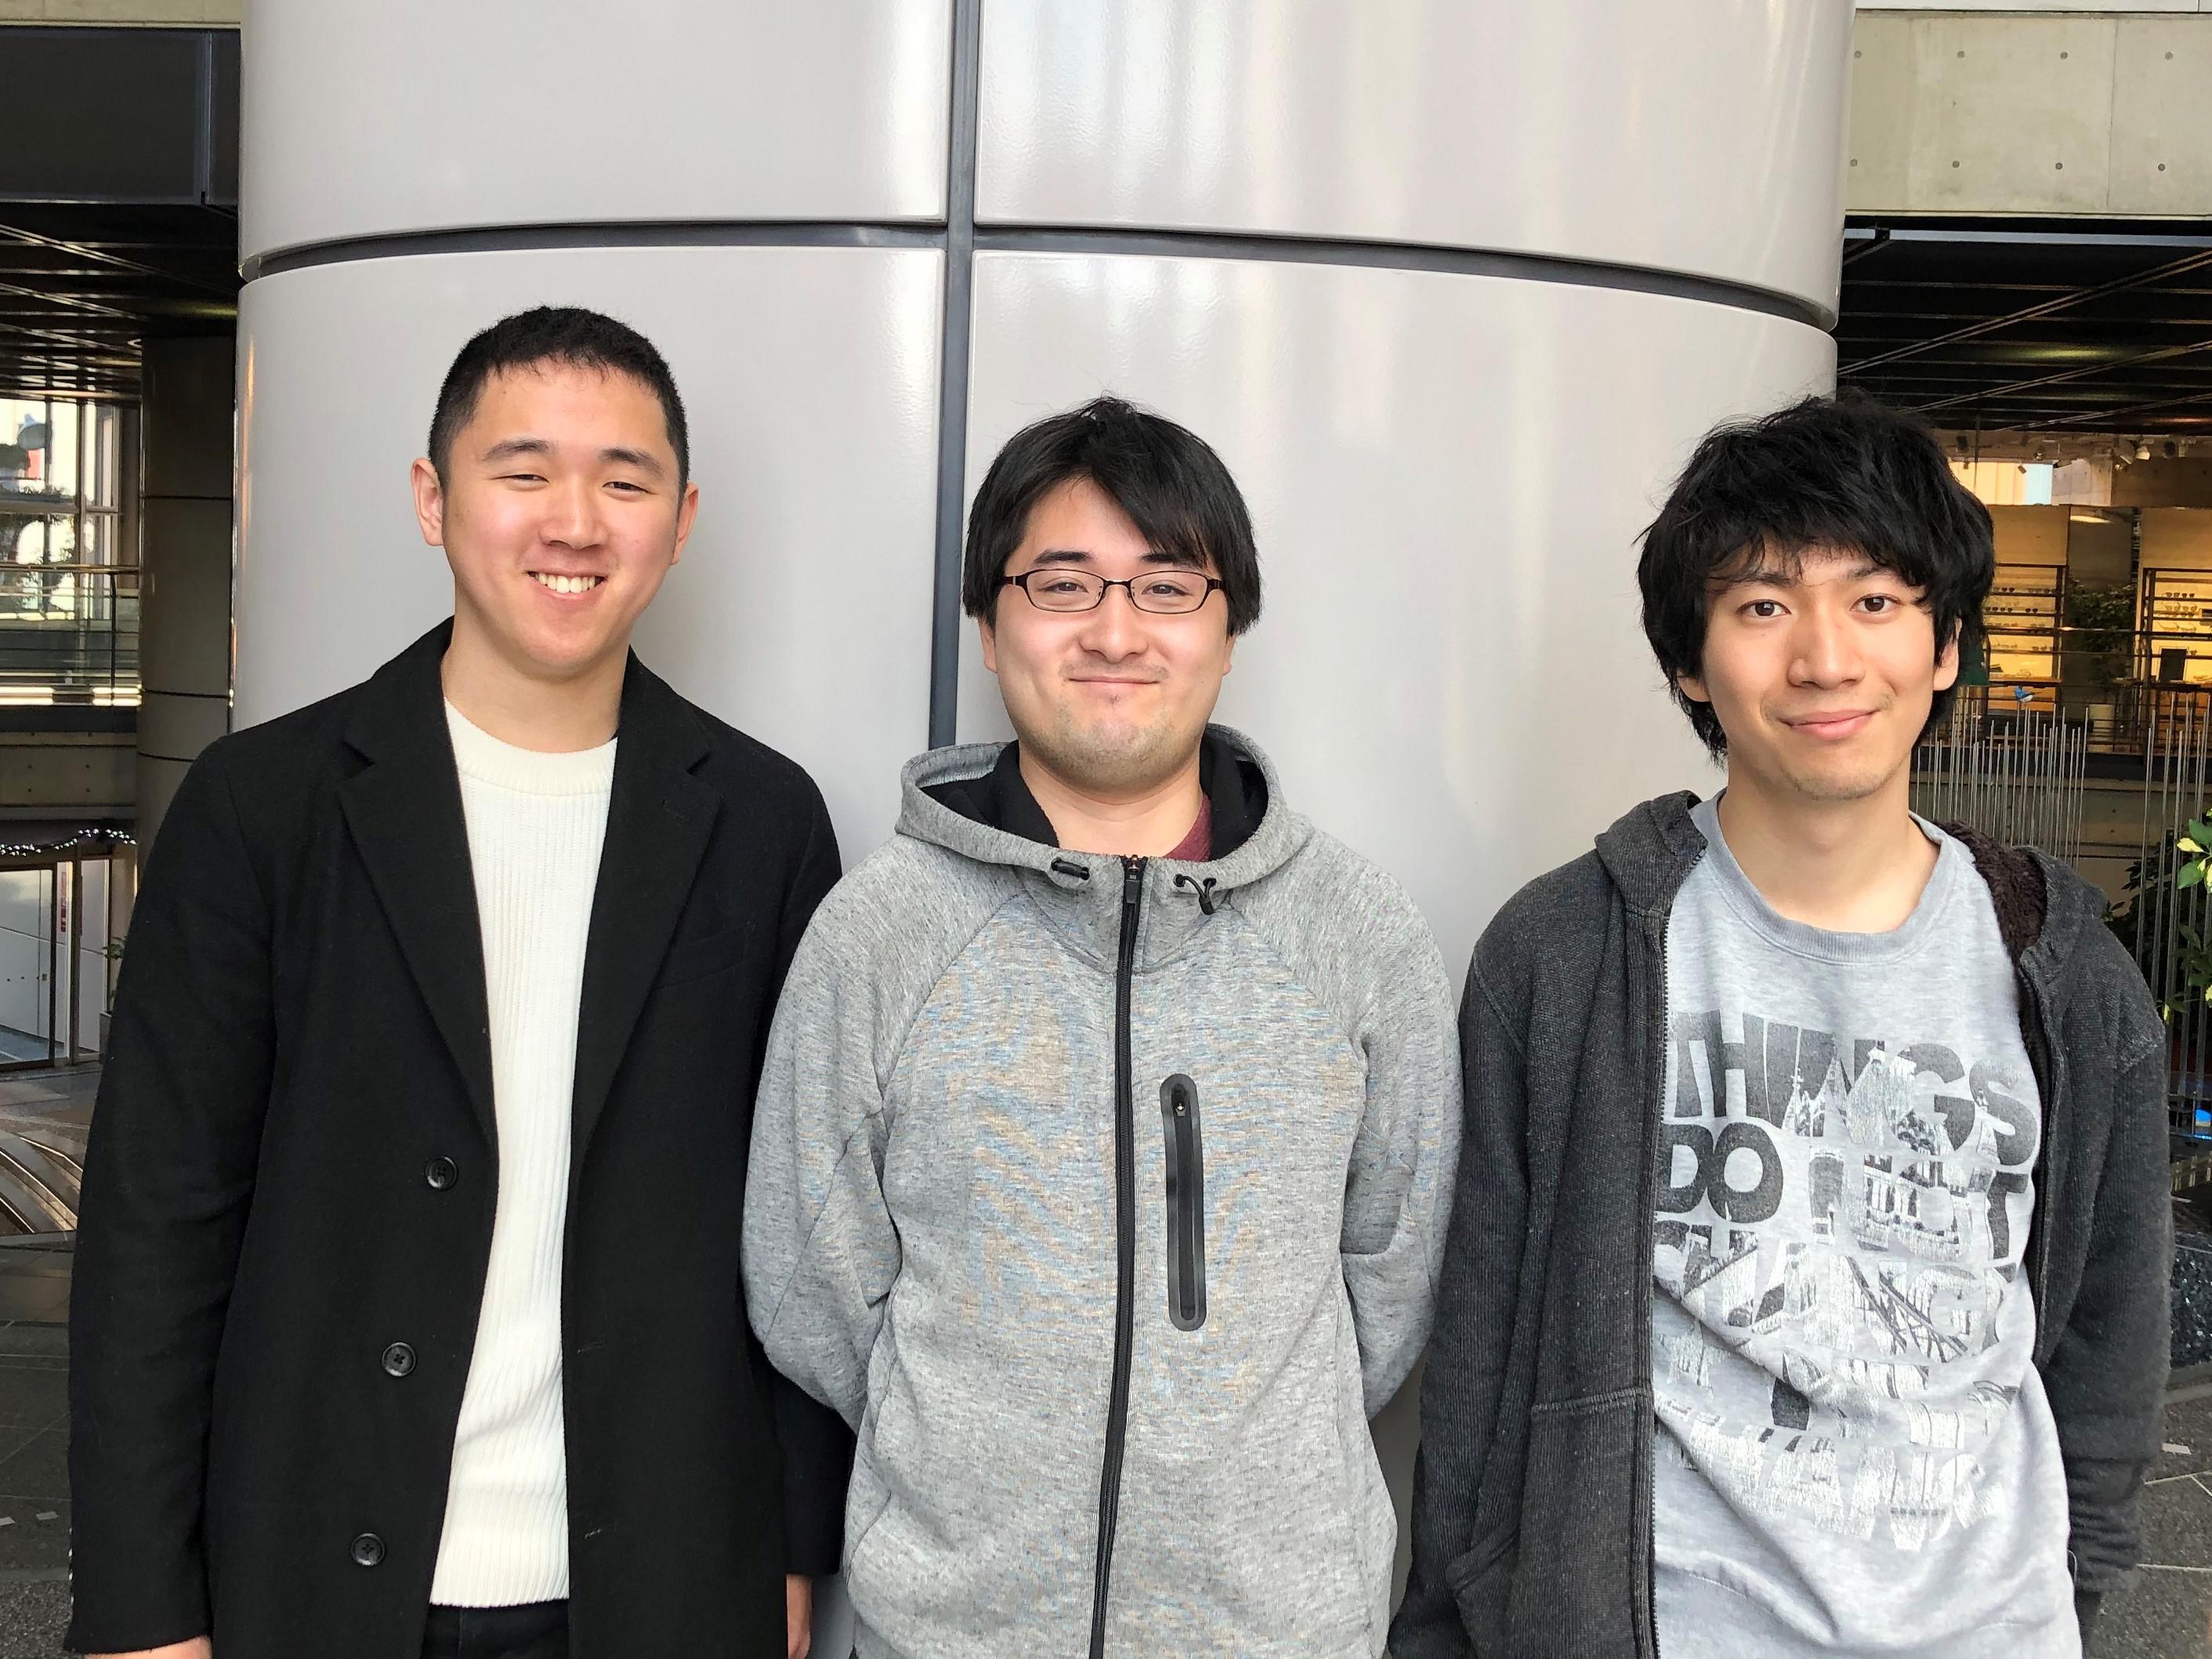 左から:安藤さん・井上さん・安田さん